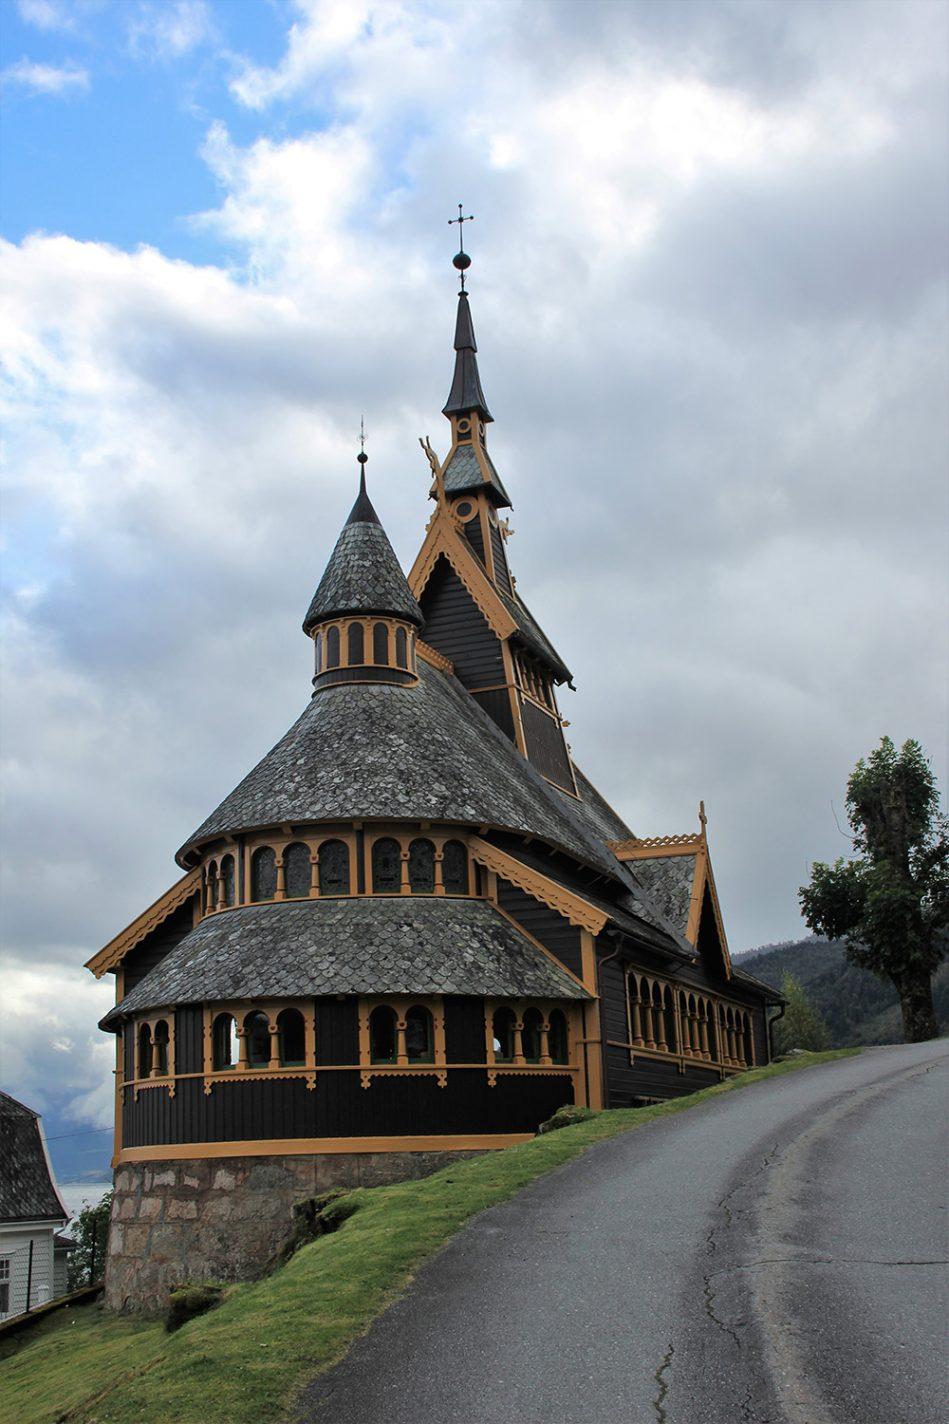 St. Olaf's kerk